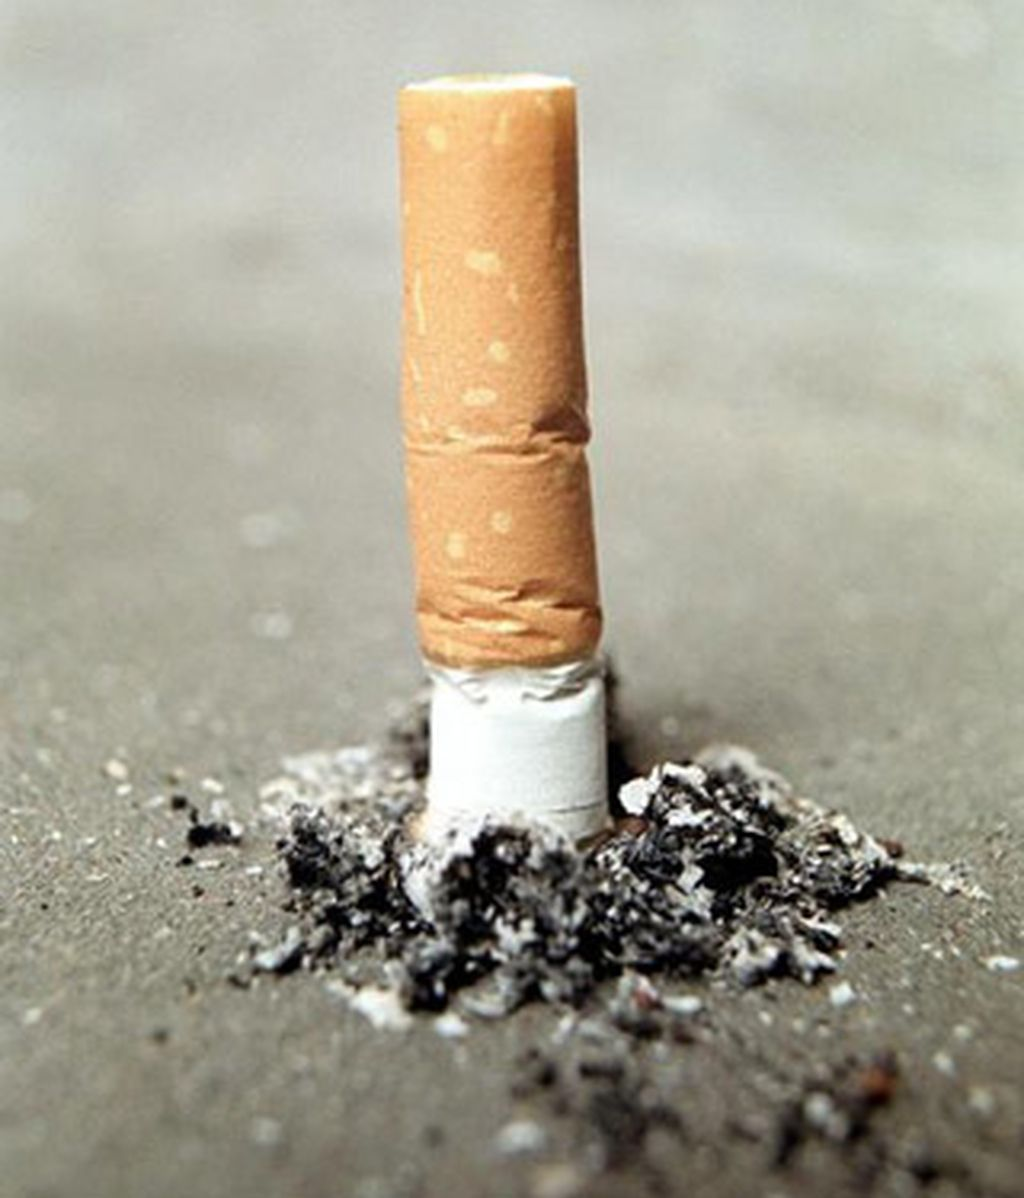 Los científicos han asociado cromosomas con comportamientos relacionados con el tabaco.